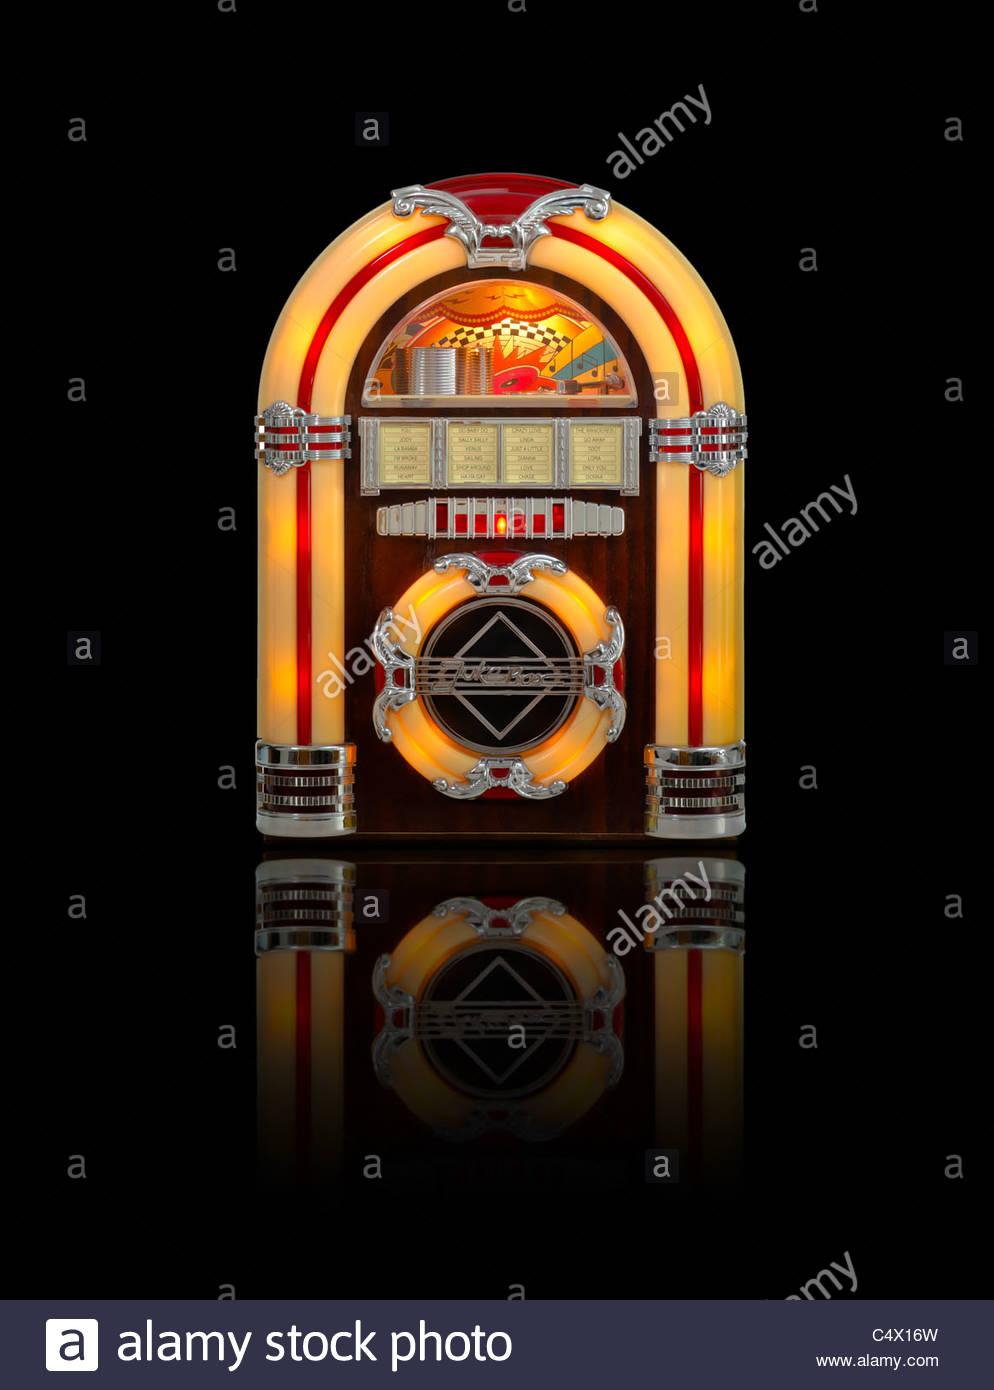 Retro jukebox radio isolated on black background with reflection 994x1390